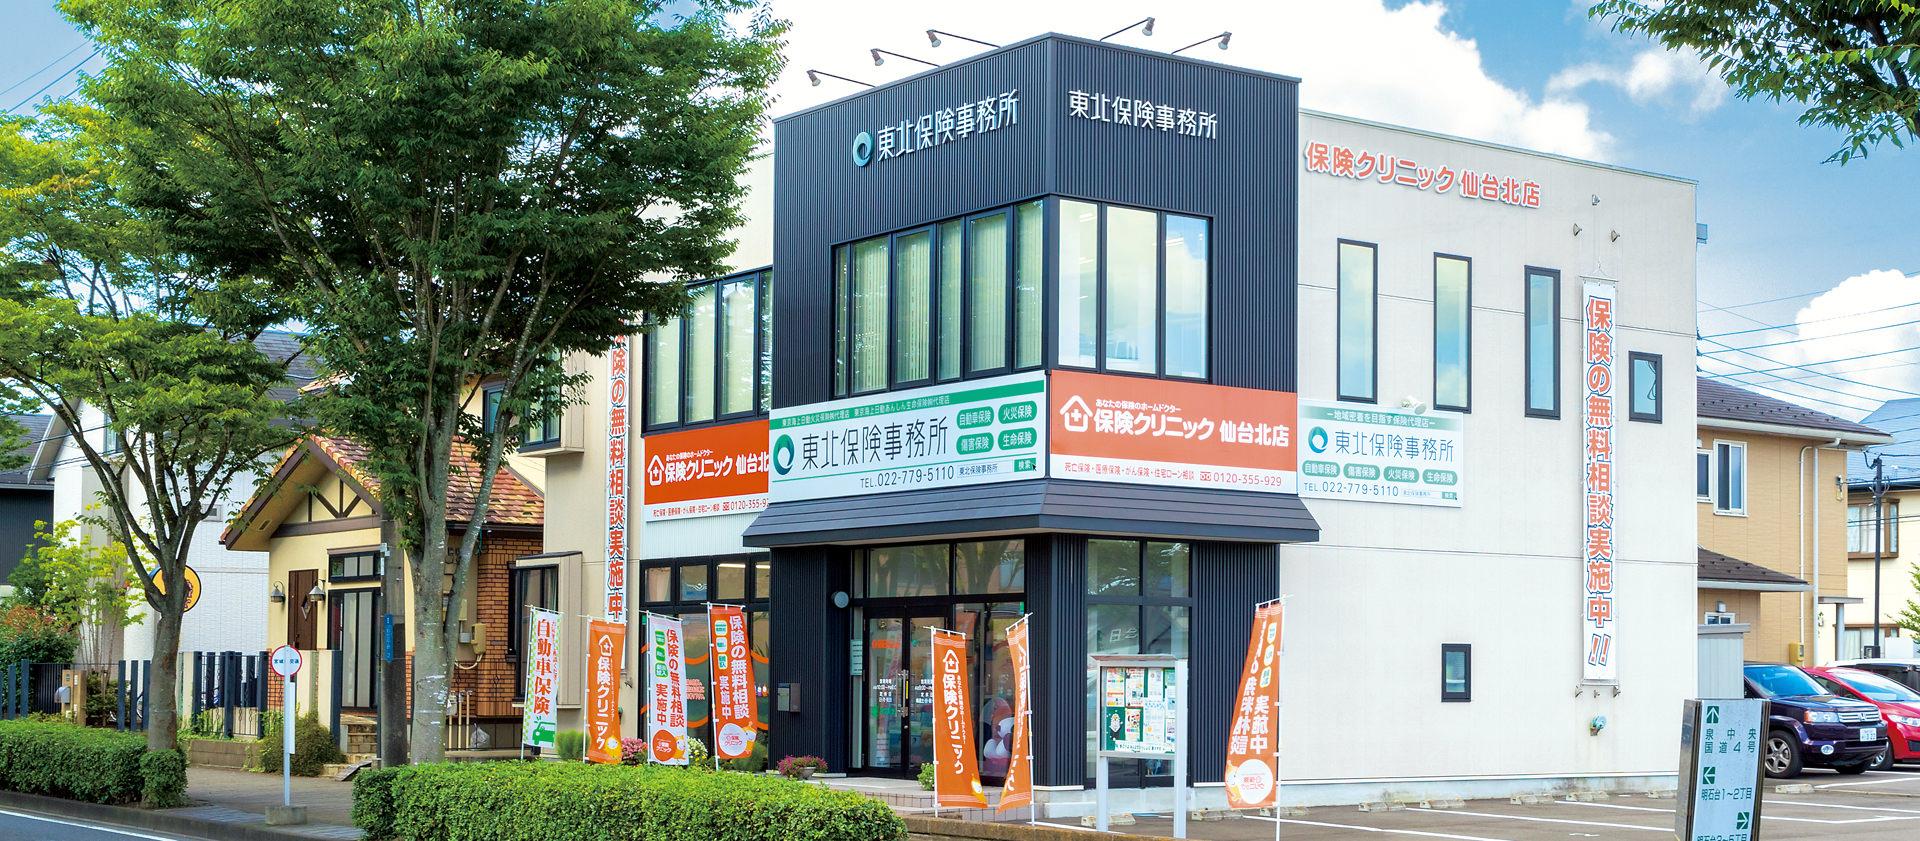 ***株式会社 東北保険事務所の外観写真を紹介しています***